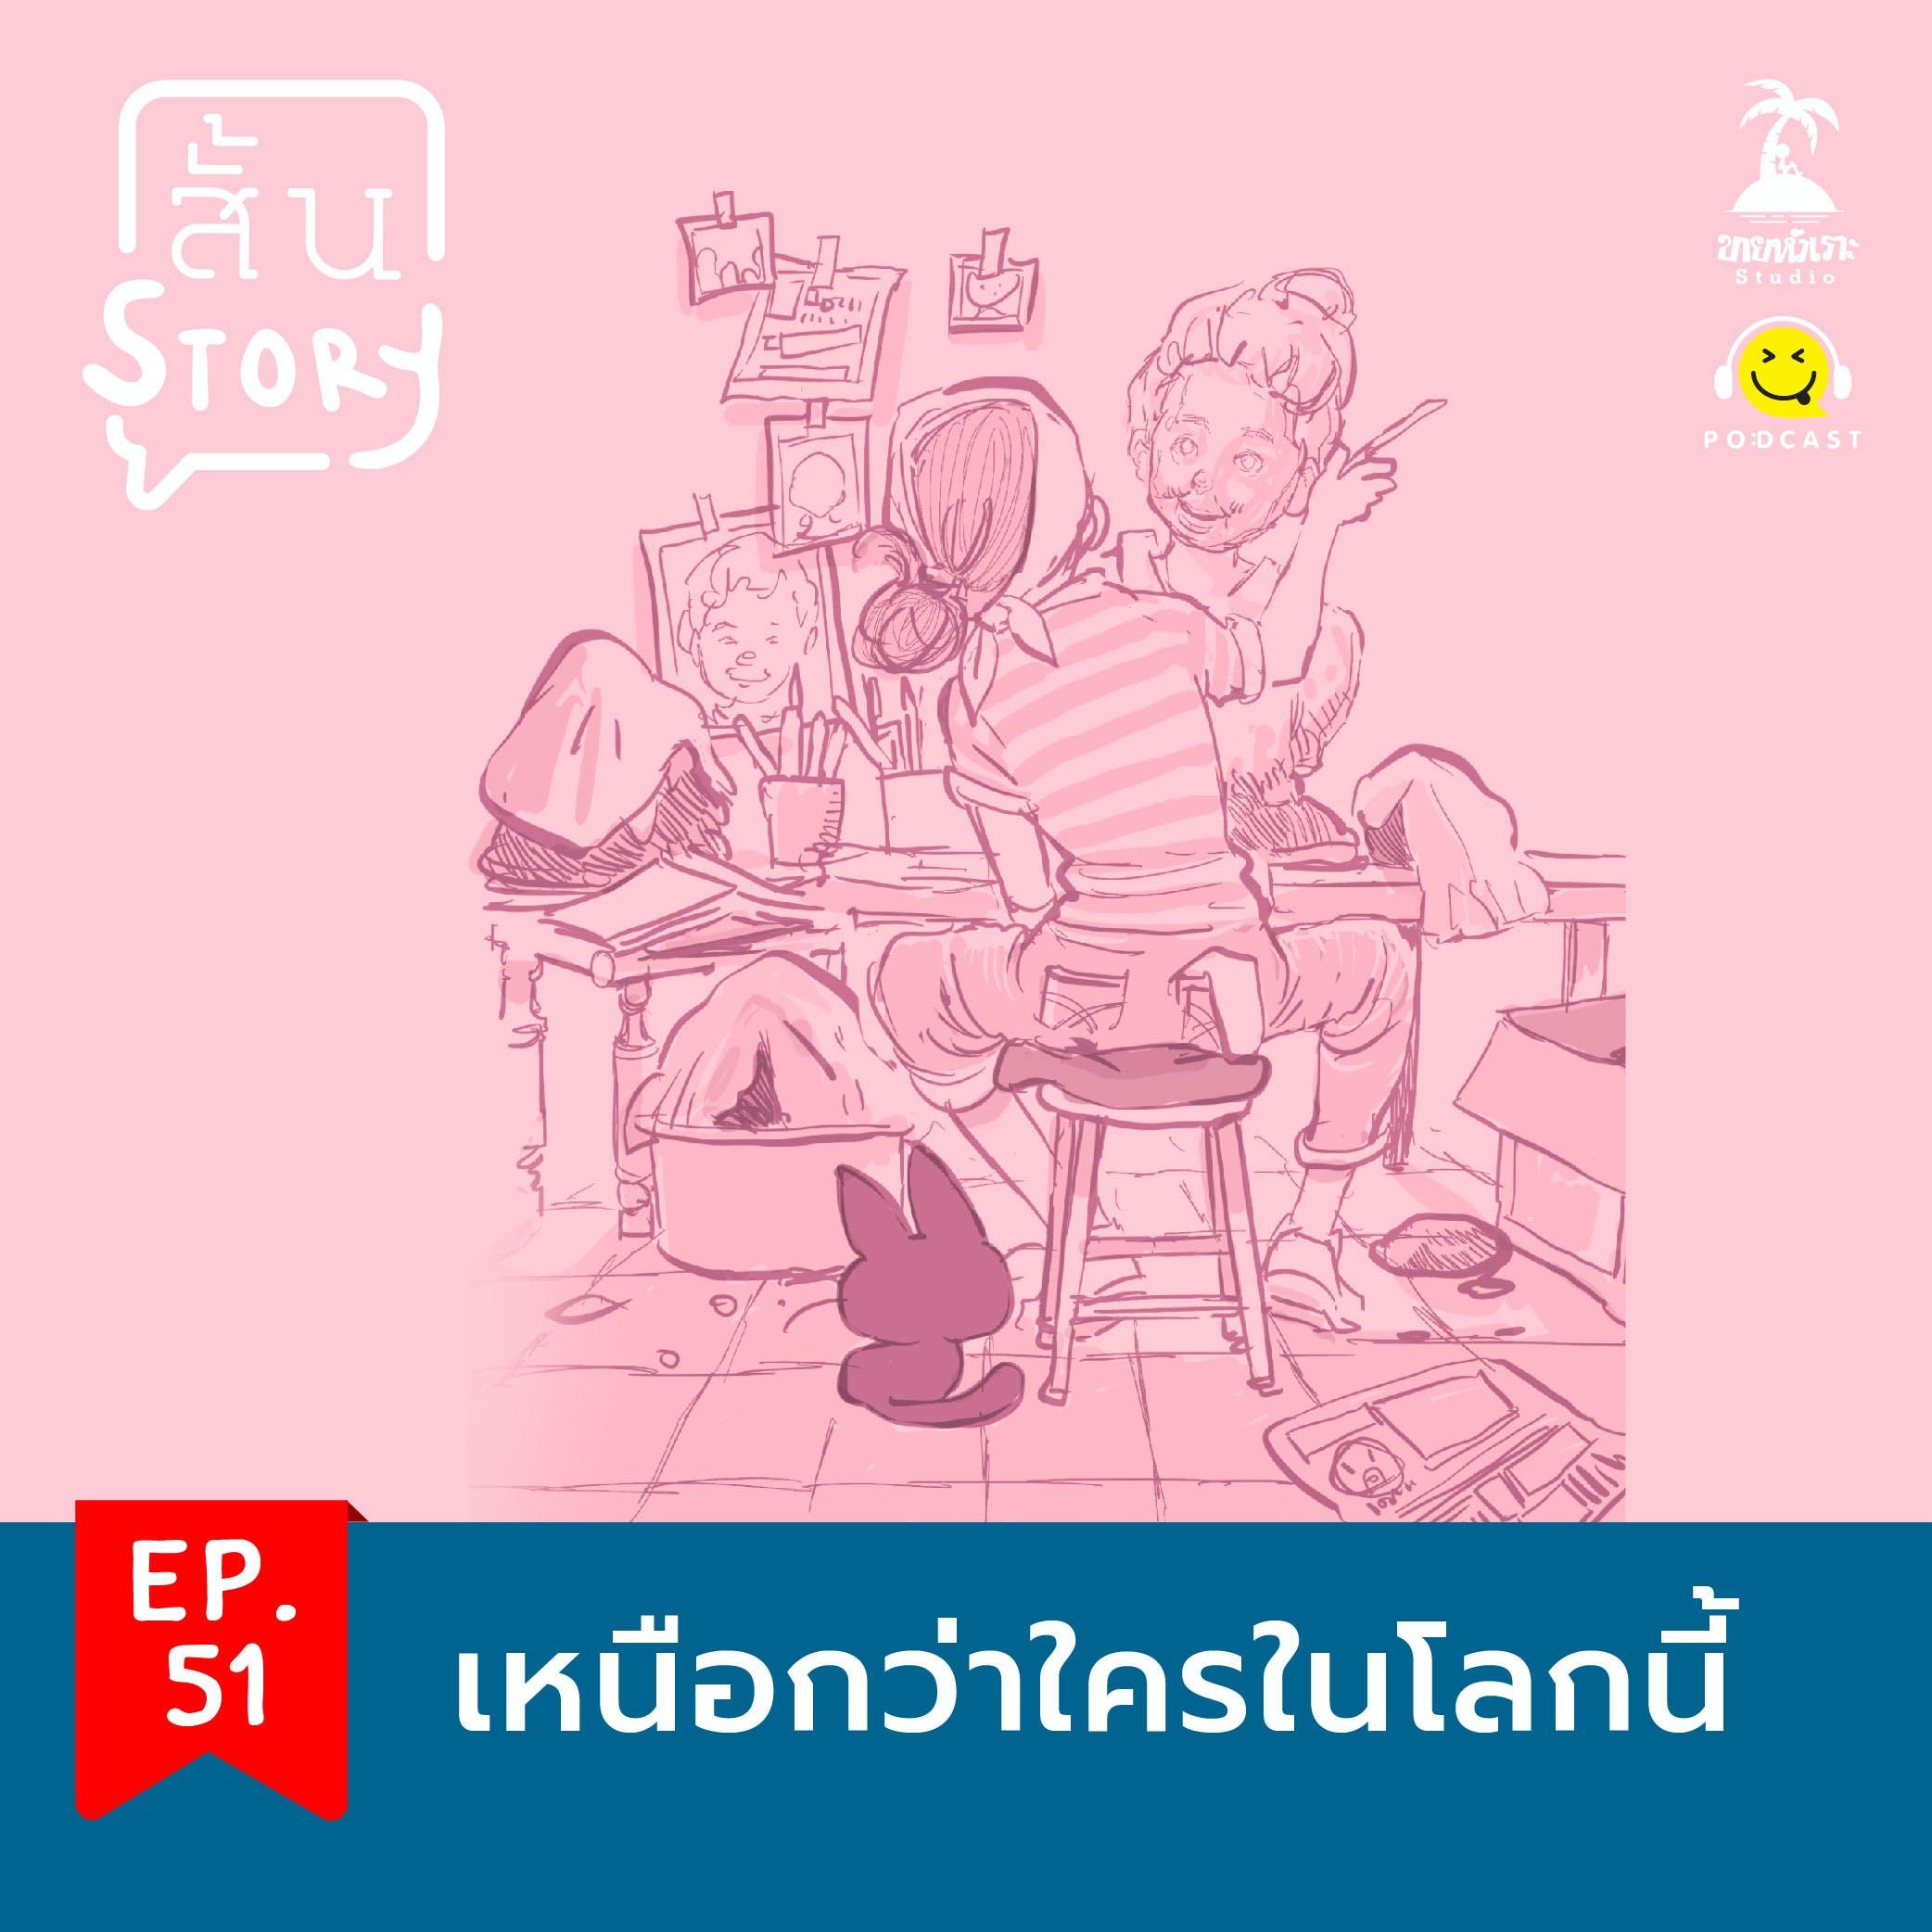 STR EP.51 เรื่องสั้นขายหัวเราะ: เหนือกว่าใครในโลกนี้